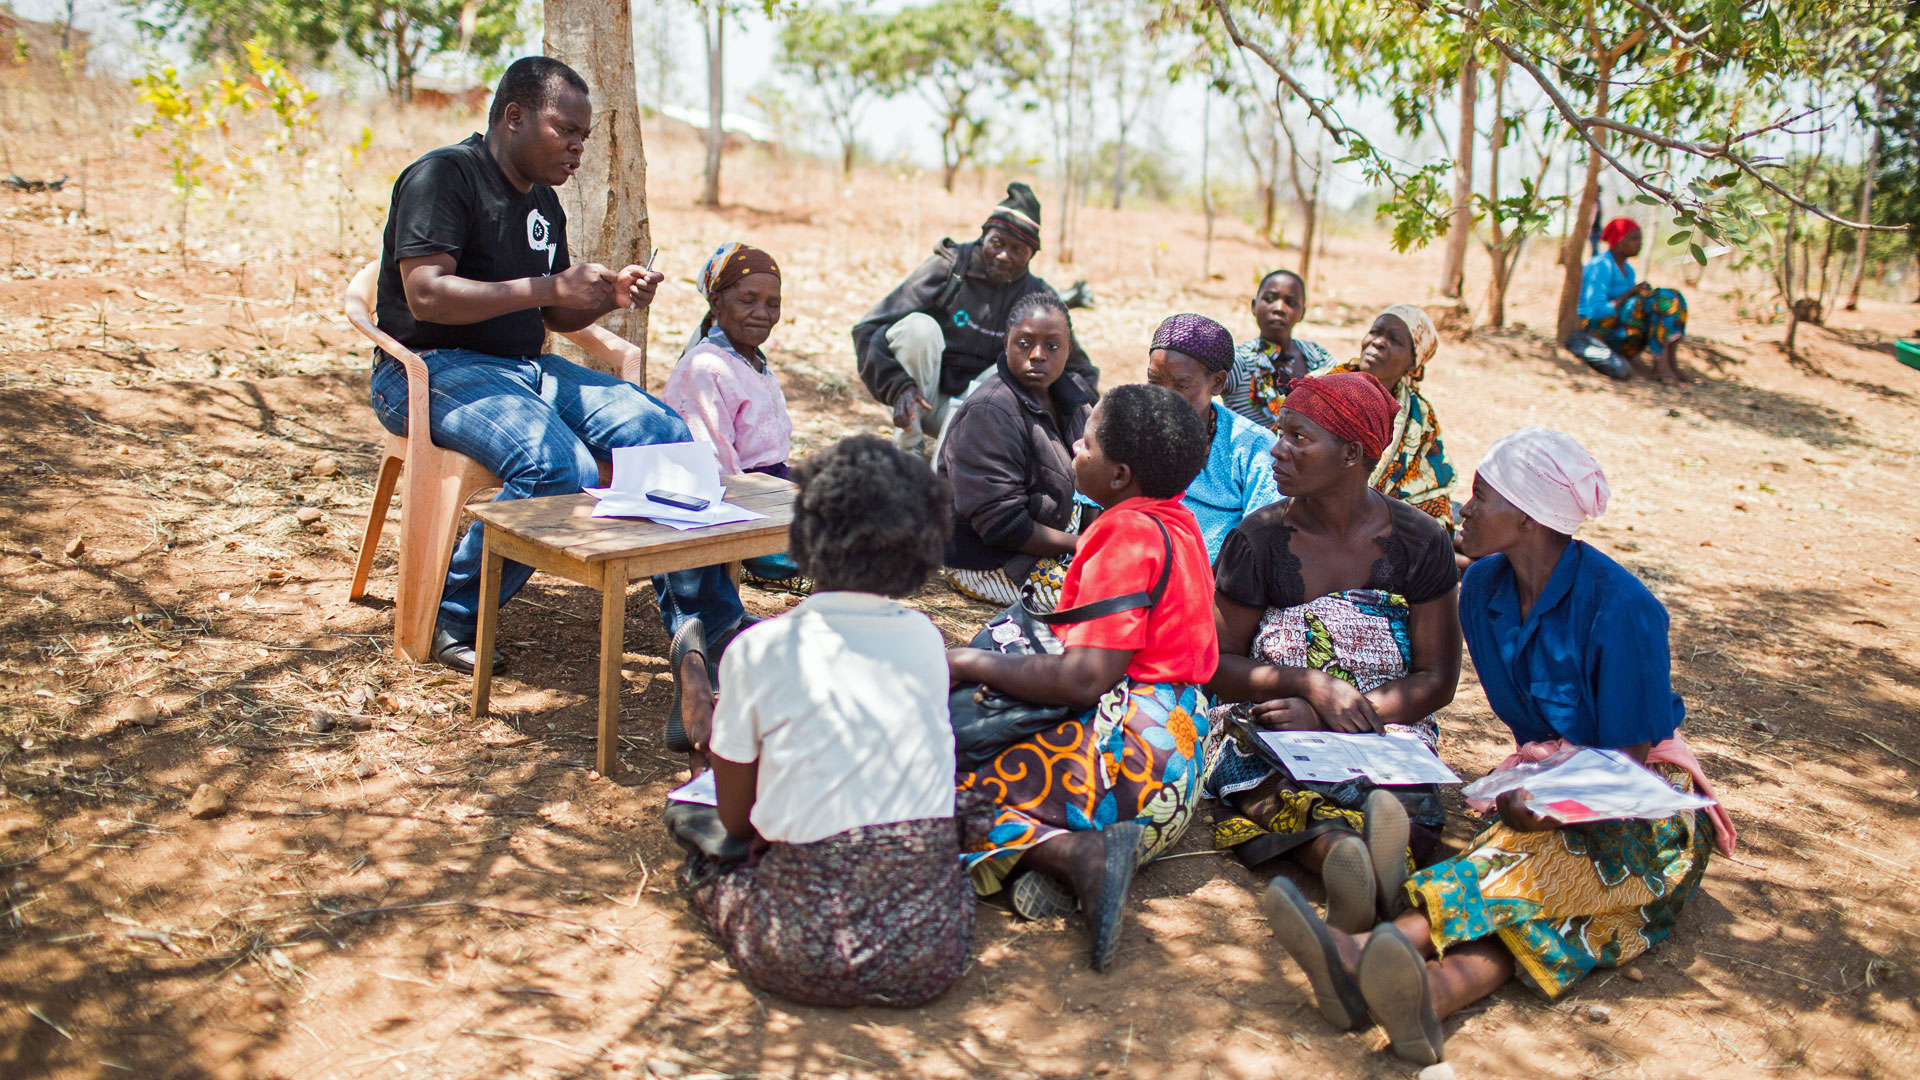 Im Rahmen eines von der KfW geförderten Sozialtransferprogramms werden im Süden von Malawi kleine Summen an extrem arme Menschen ausgezahlt.